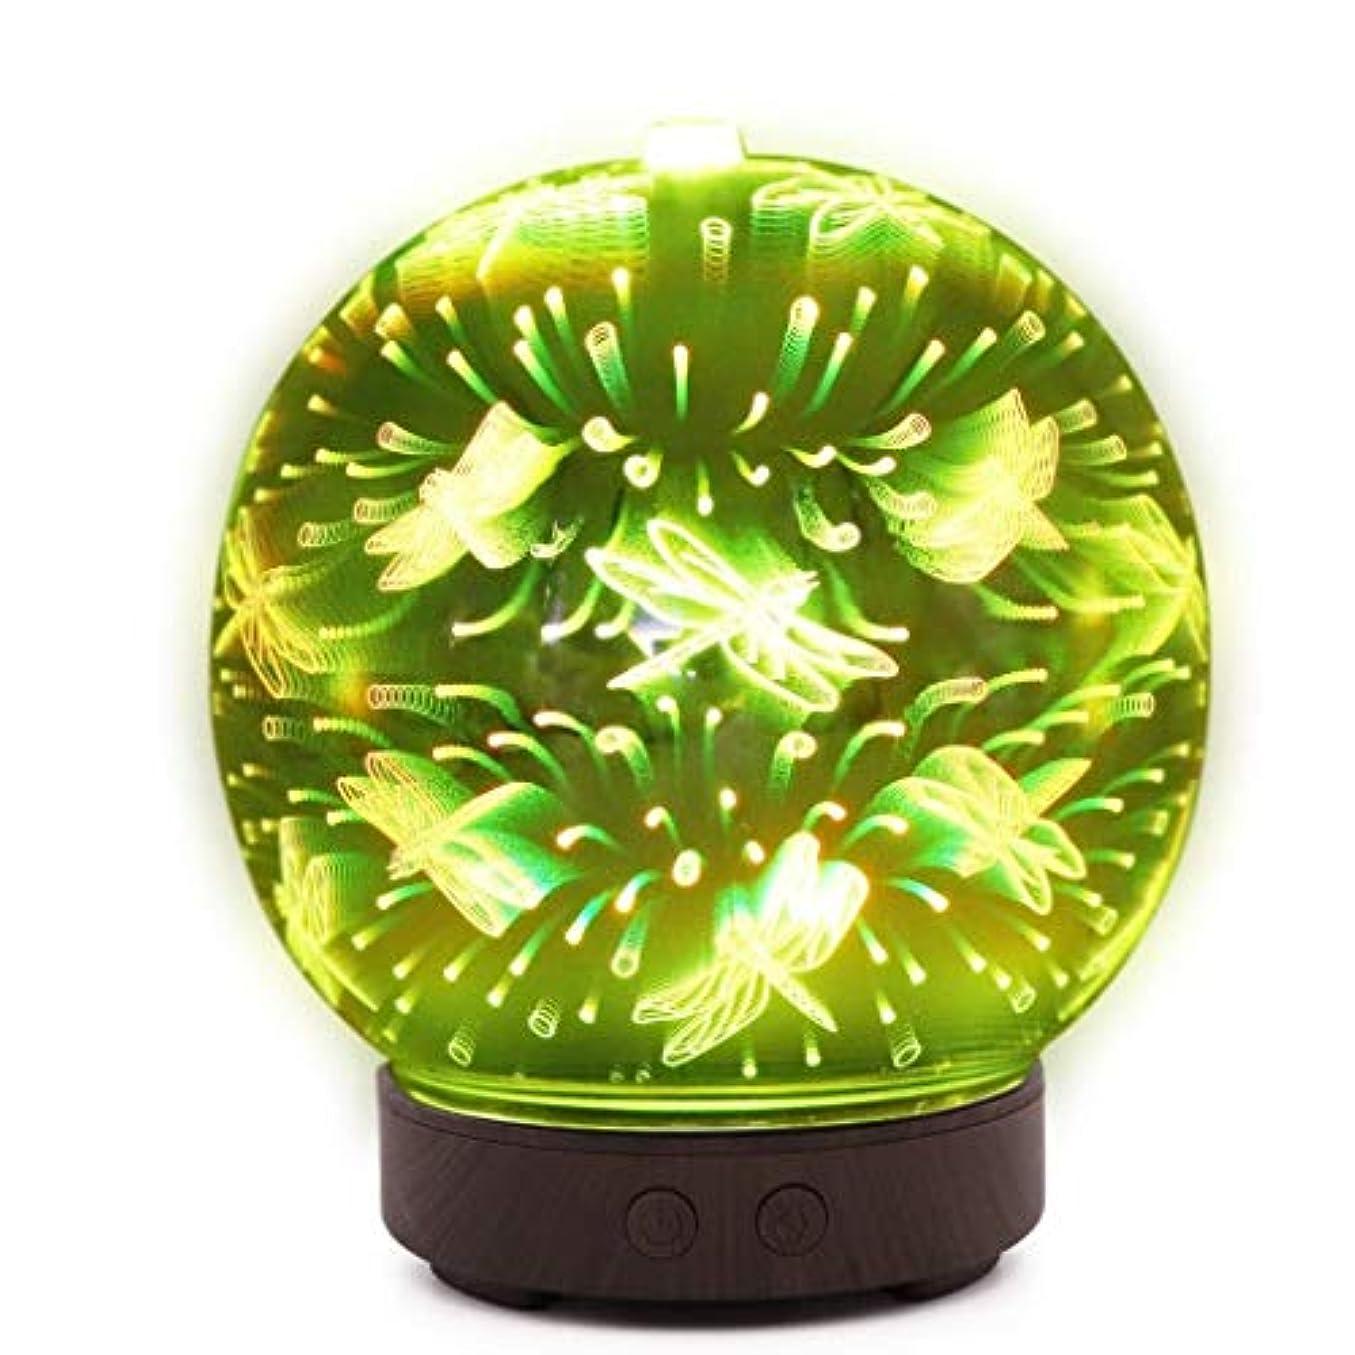 納得させるブレンド到着する自動シャットオフ機能付き100mlミストディフューザー、7色LEDライト&大型水タンク - ホームヨガの寝室のための3D効果ナイトライトアロマ加湿器 (Color : Dragonfly Pattern)